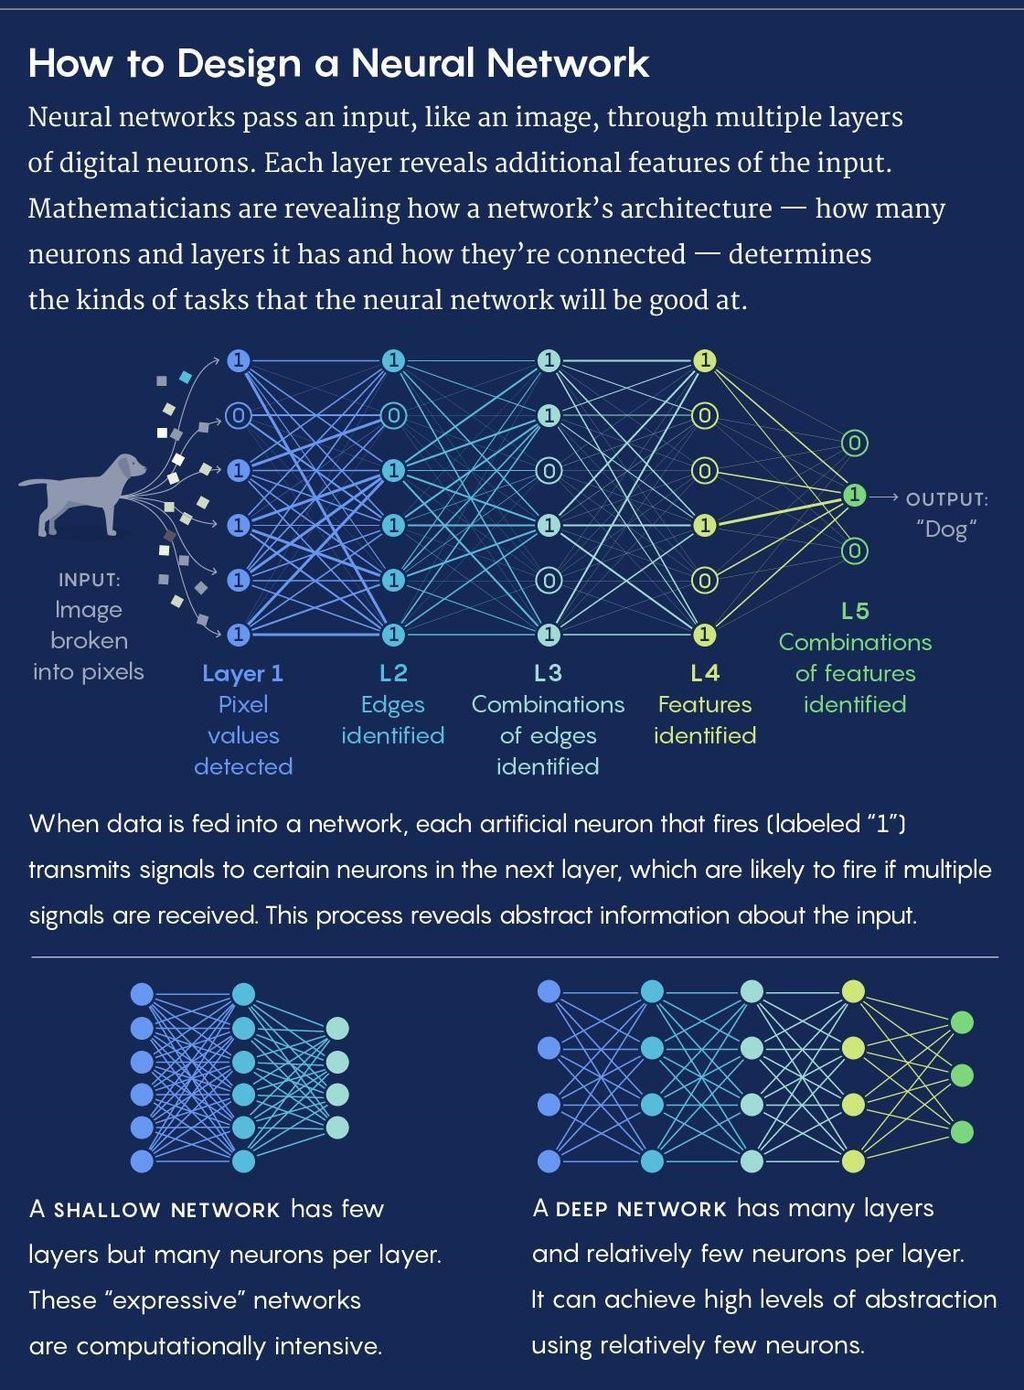 بناء الأساس لنظرية عامة عن الشبكات العصبونية